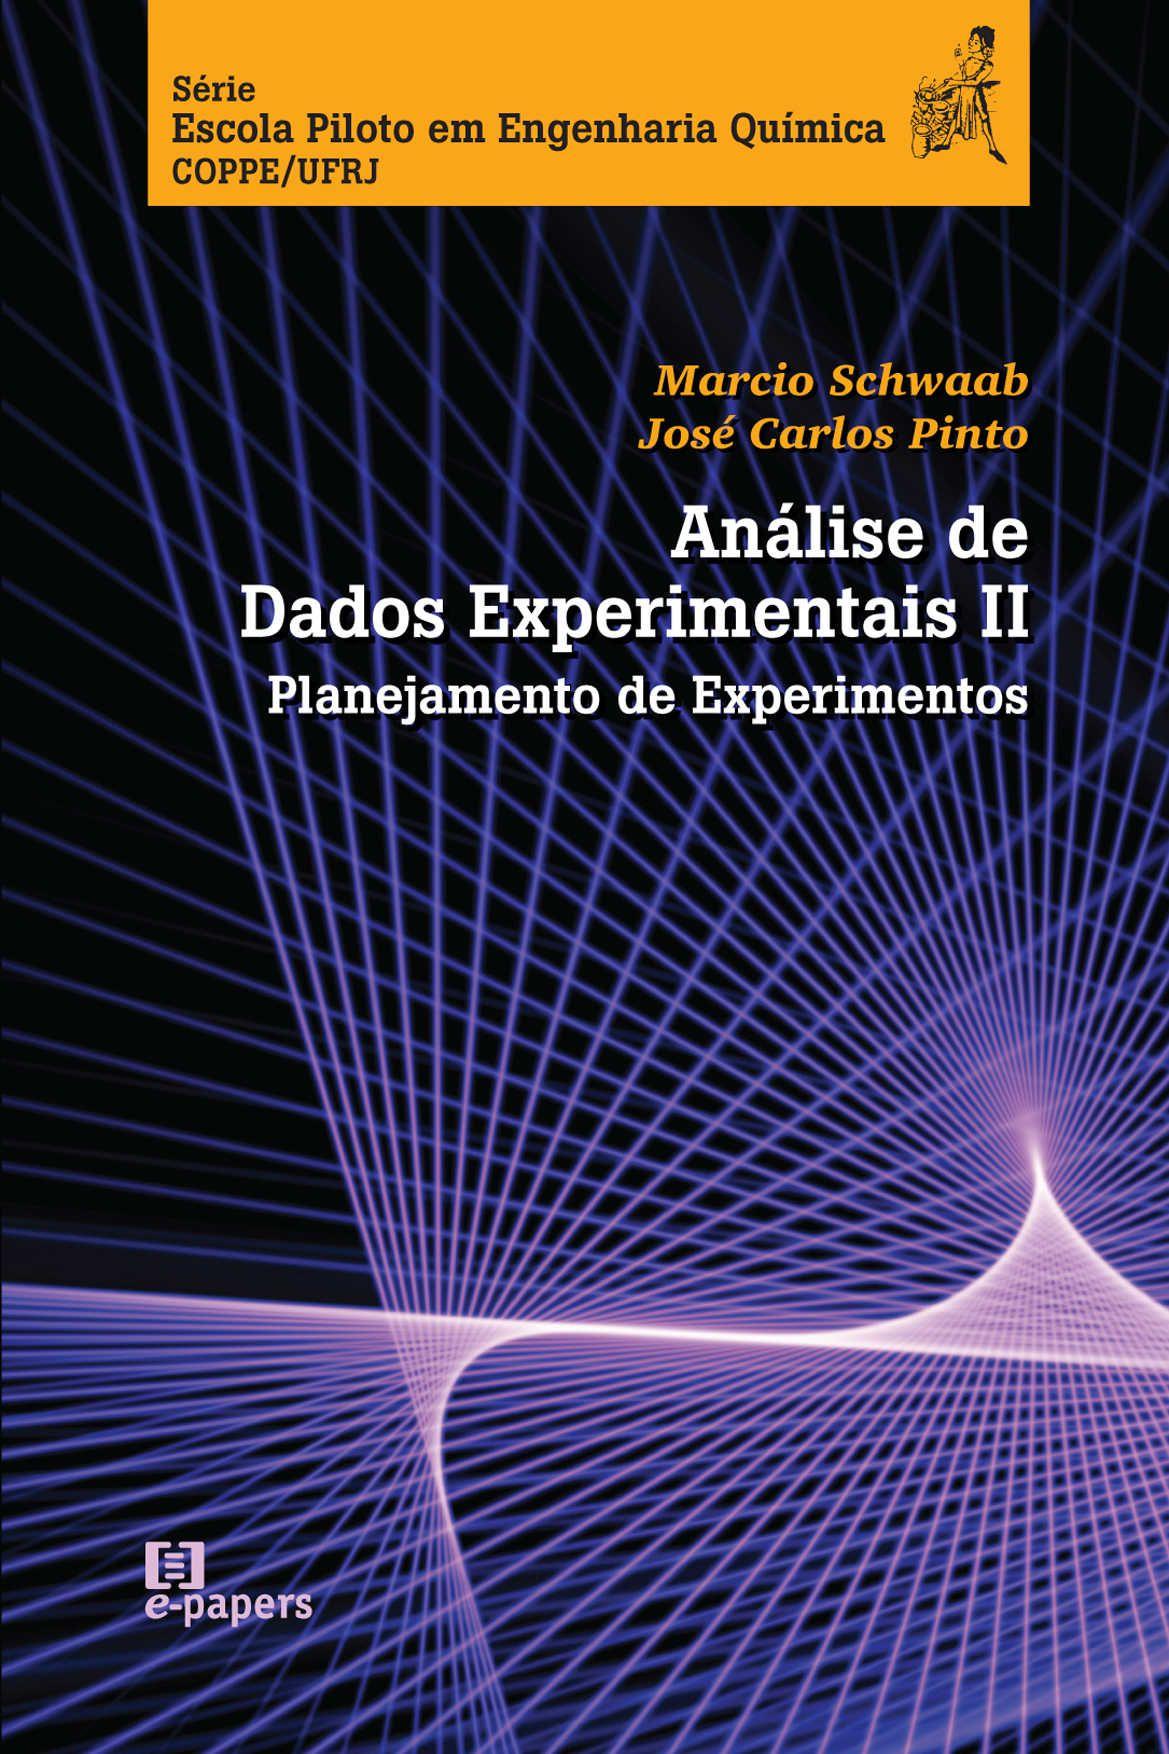 Análise de Dados Experimentais v. II: Planejamento de Experimentos